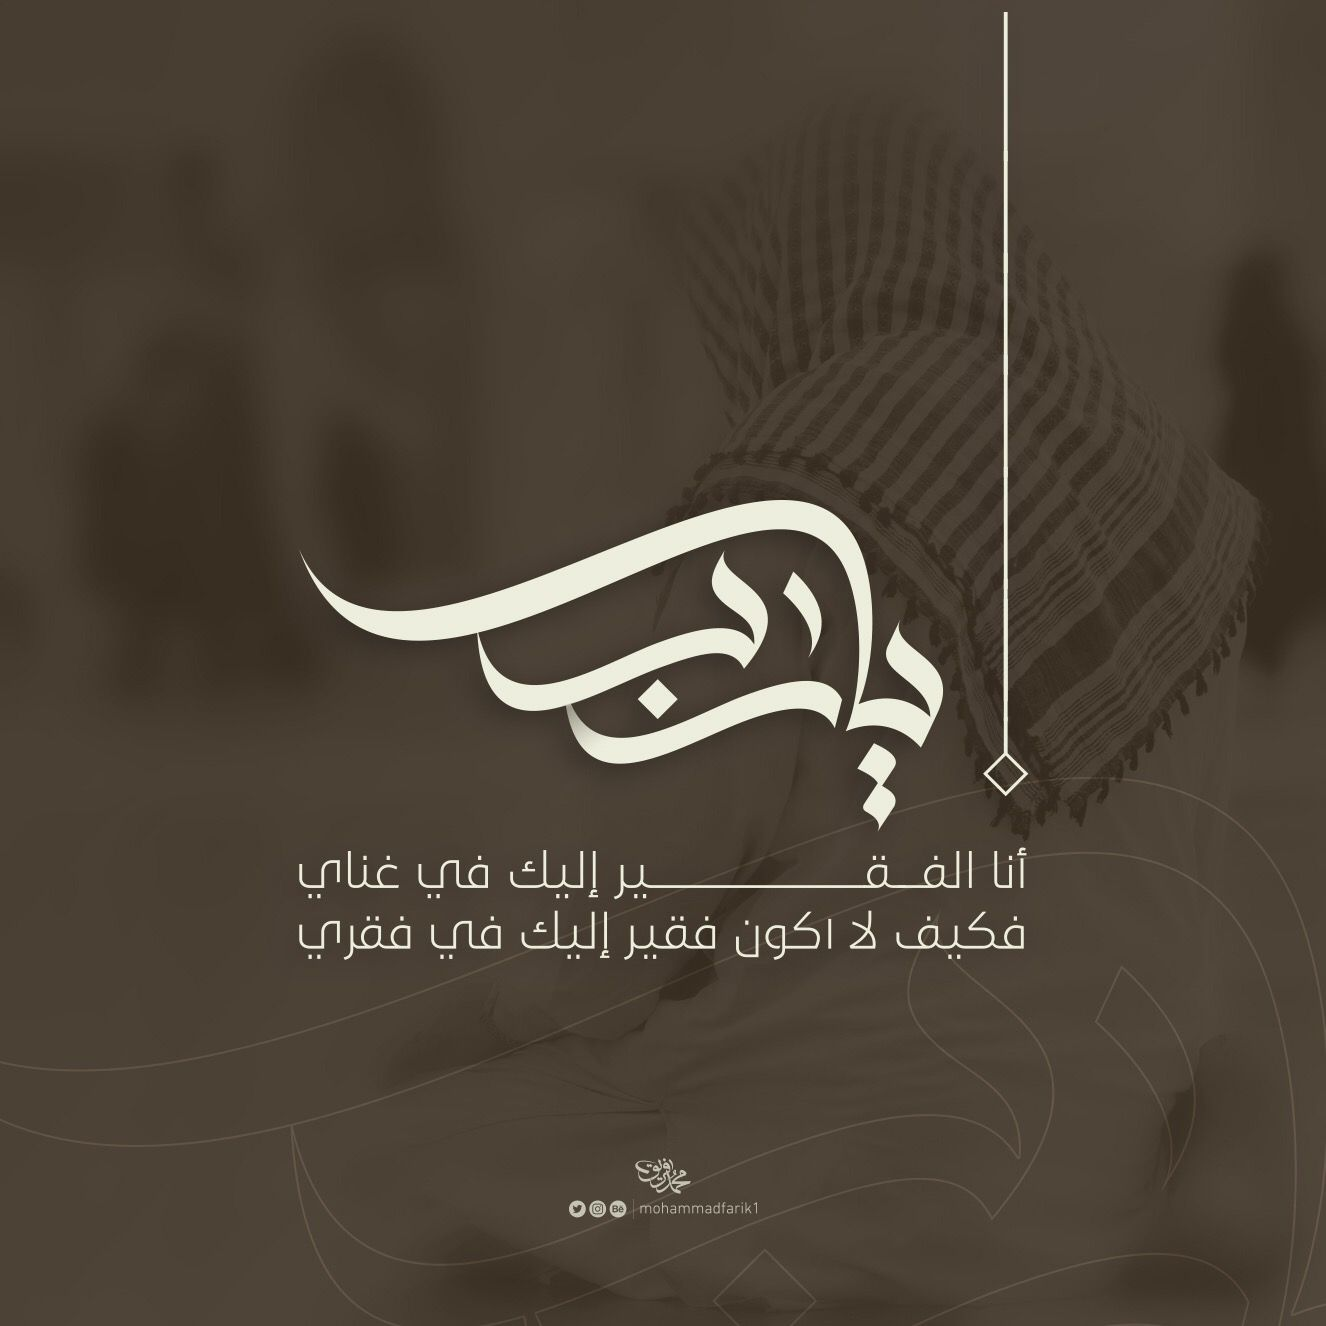 يارب في الخط العربي الحر Ya Allah Of Arabic Freehand Calligraphy Logo Arabic Calligraphy Art Typography Logo Inspiration